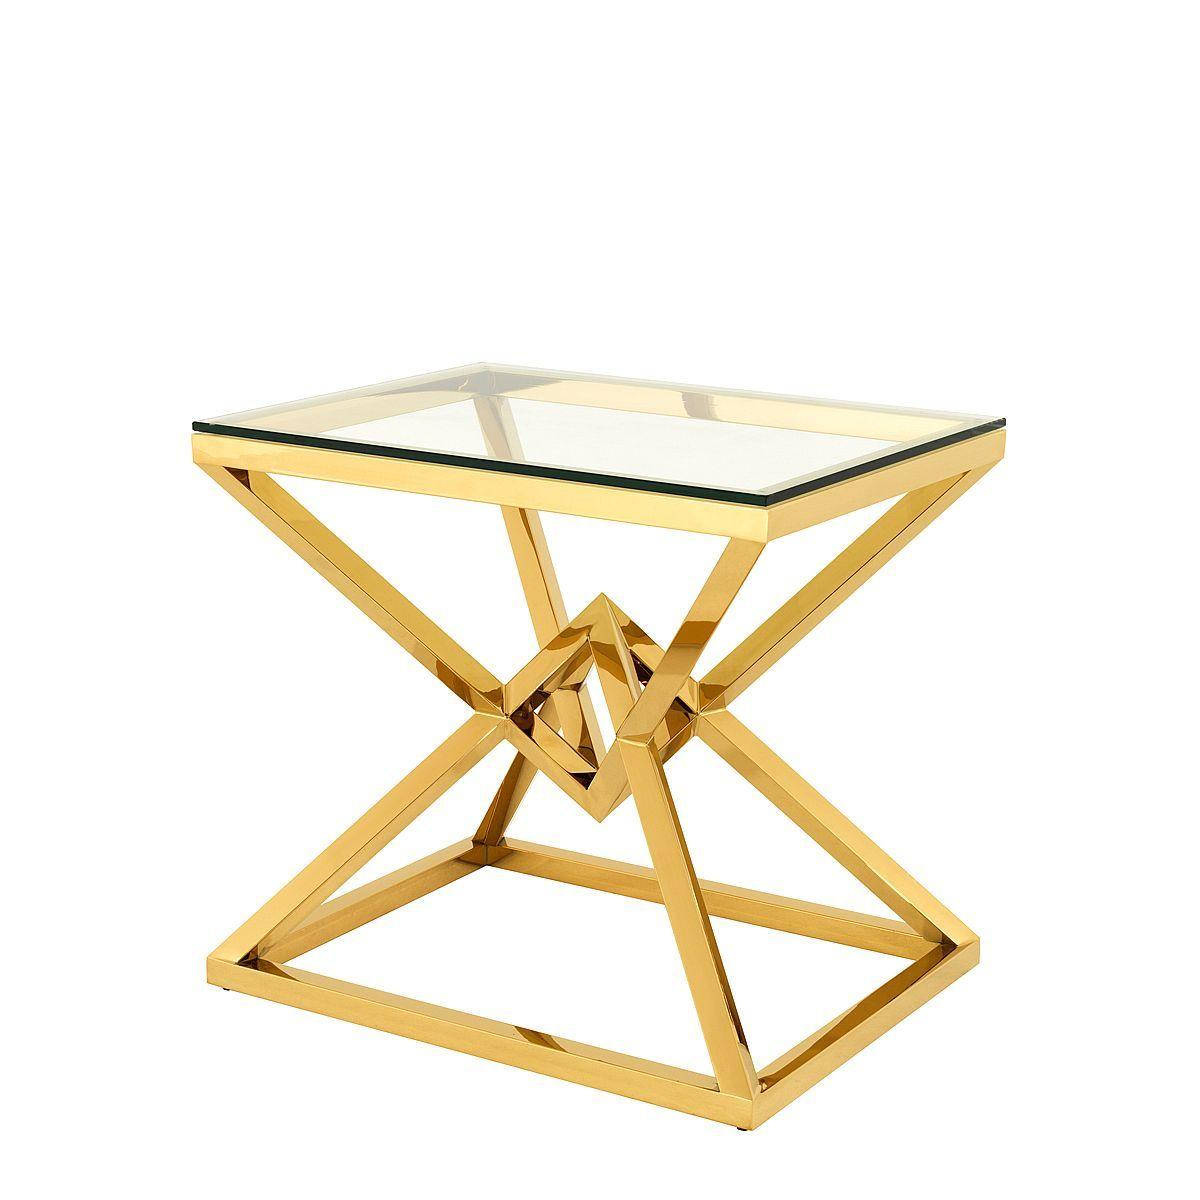 Eichholtz Side Table Connor Gold Wohnzimmermobel Modern Glas